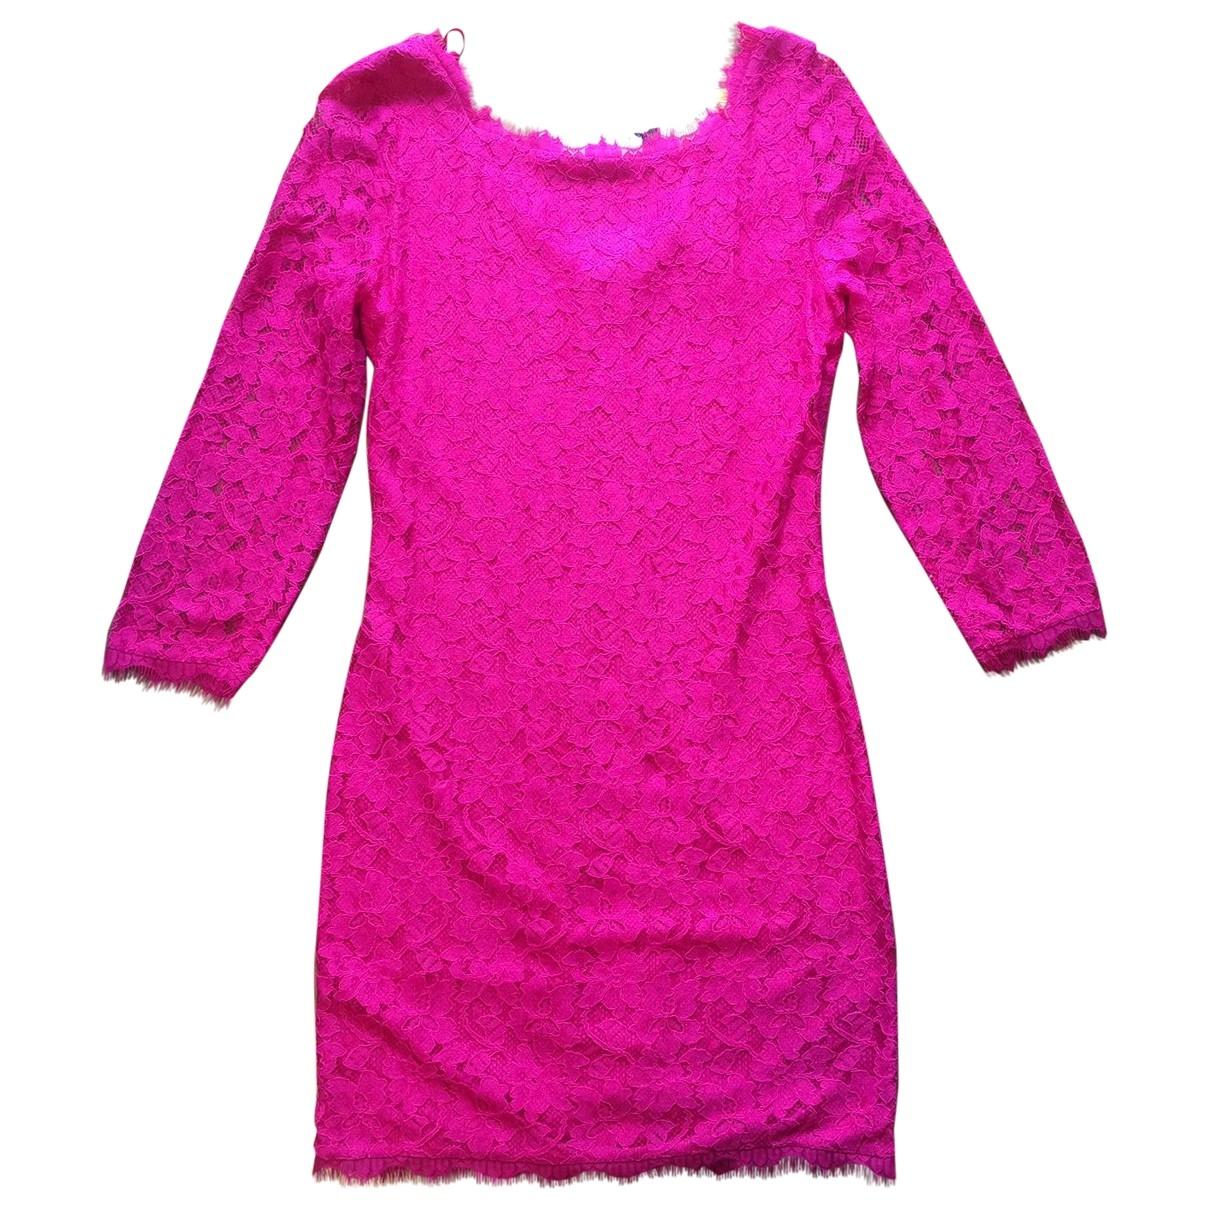 Diane Von Furstenberg \N Pink Lace dress for Women 6 US